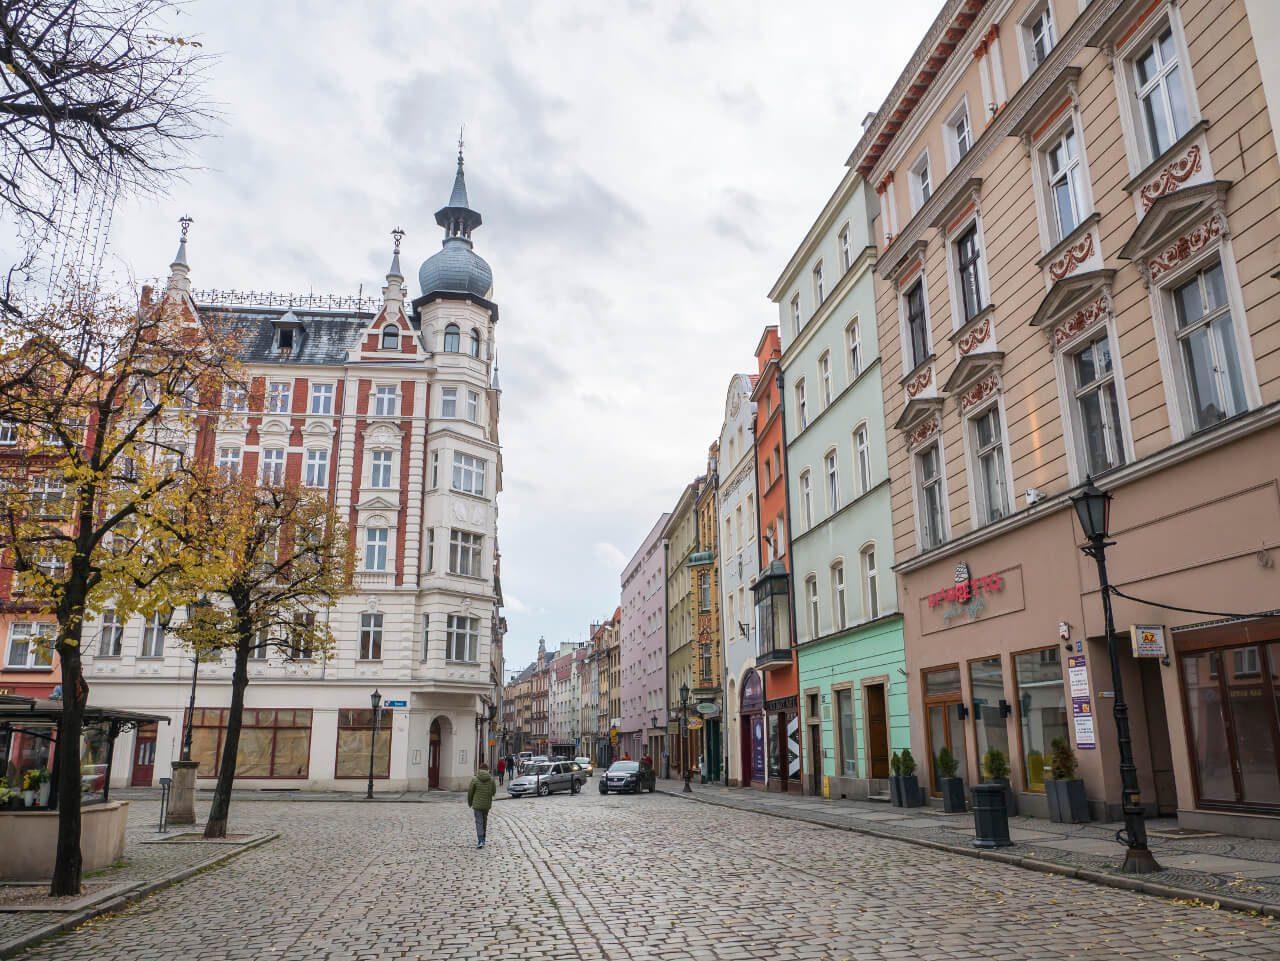 Widok na ul. Długą na rynku w Świdnicy